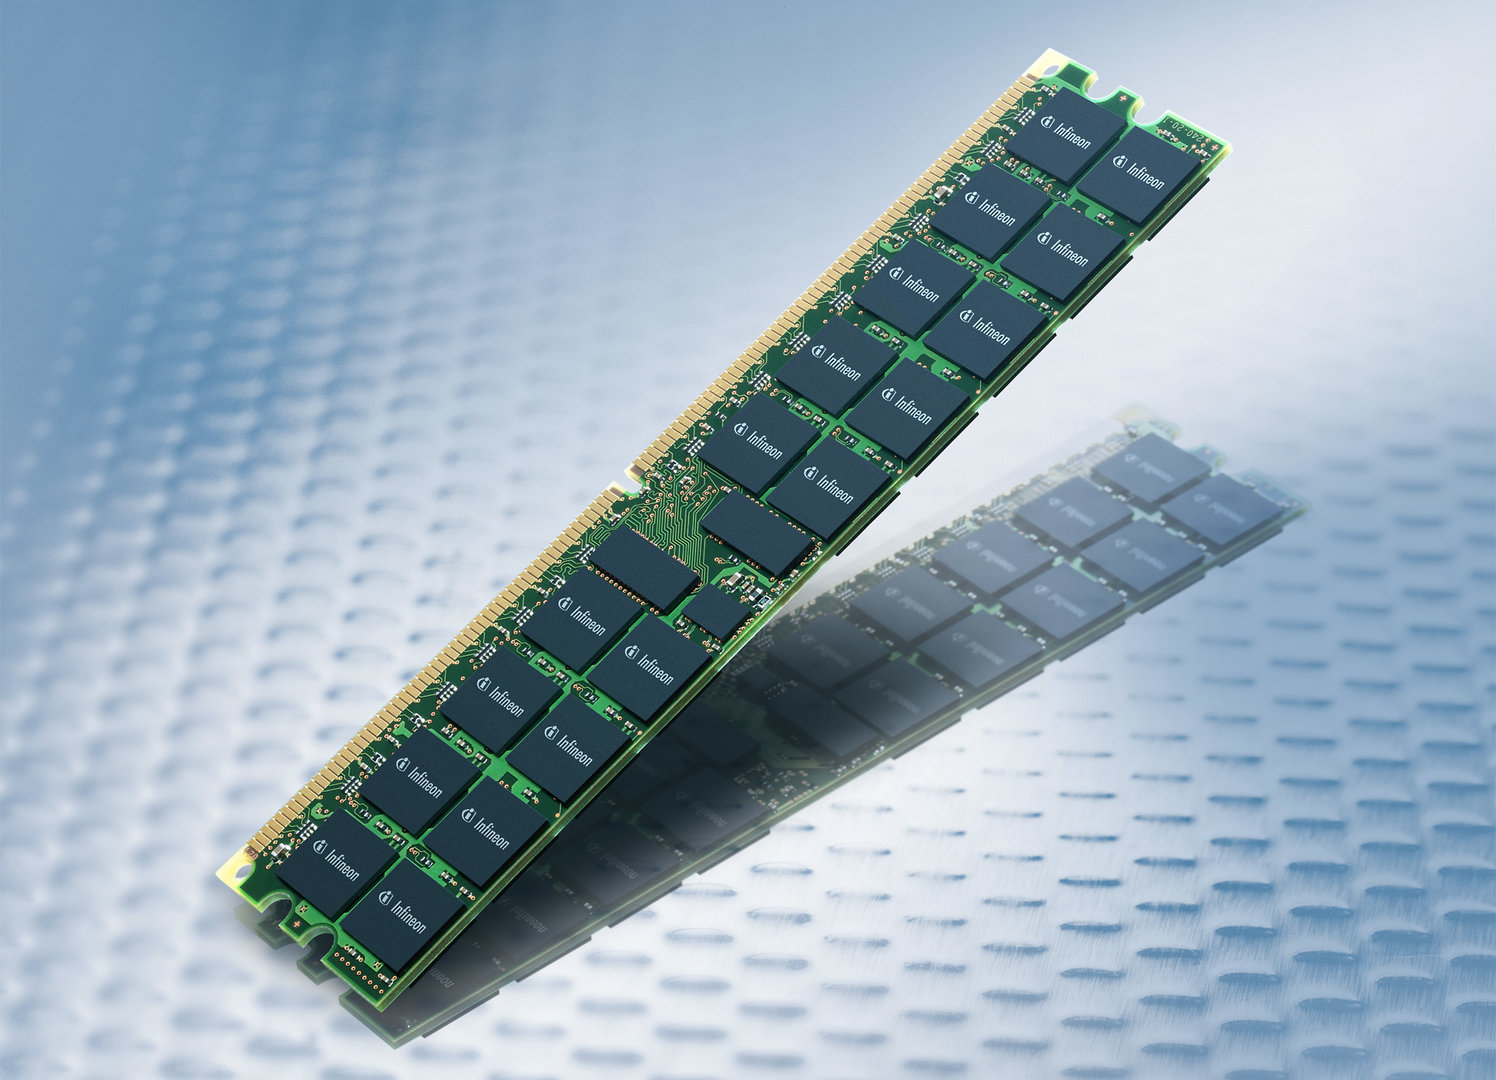 Zwei Gigabyte DDR2 Registered-DIMM